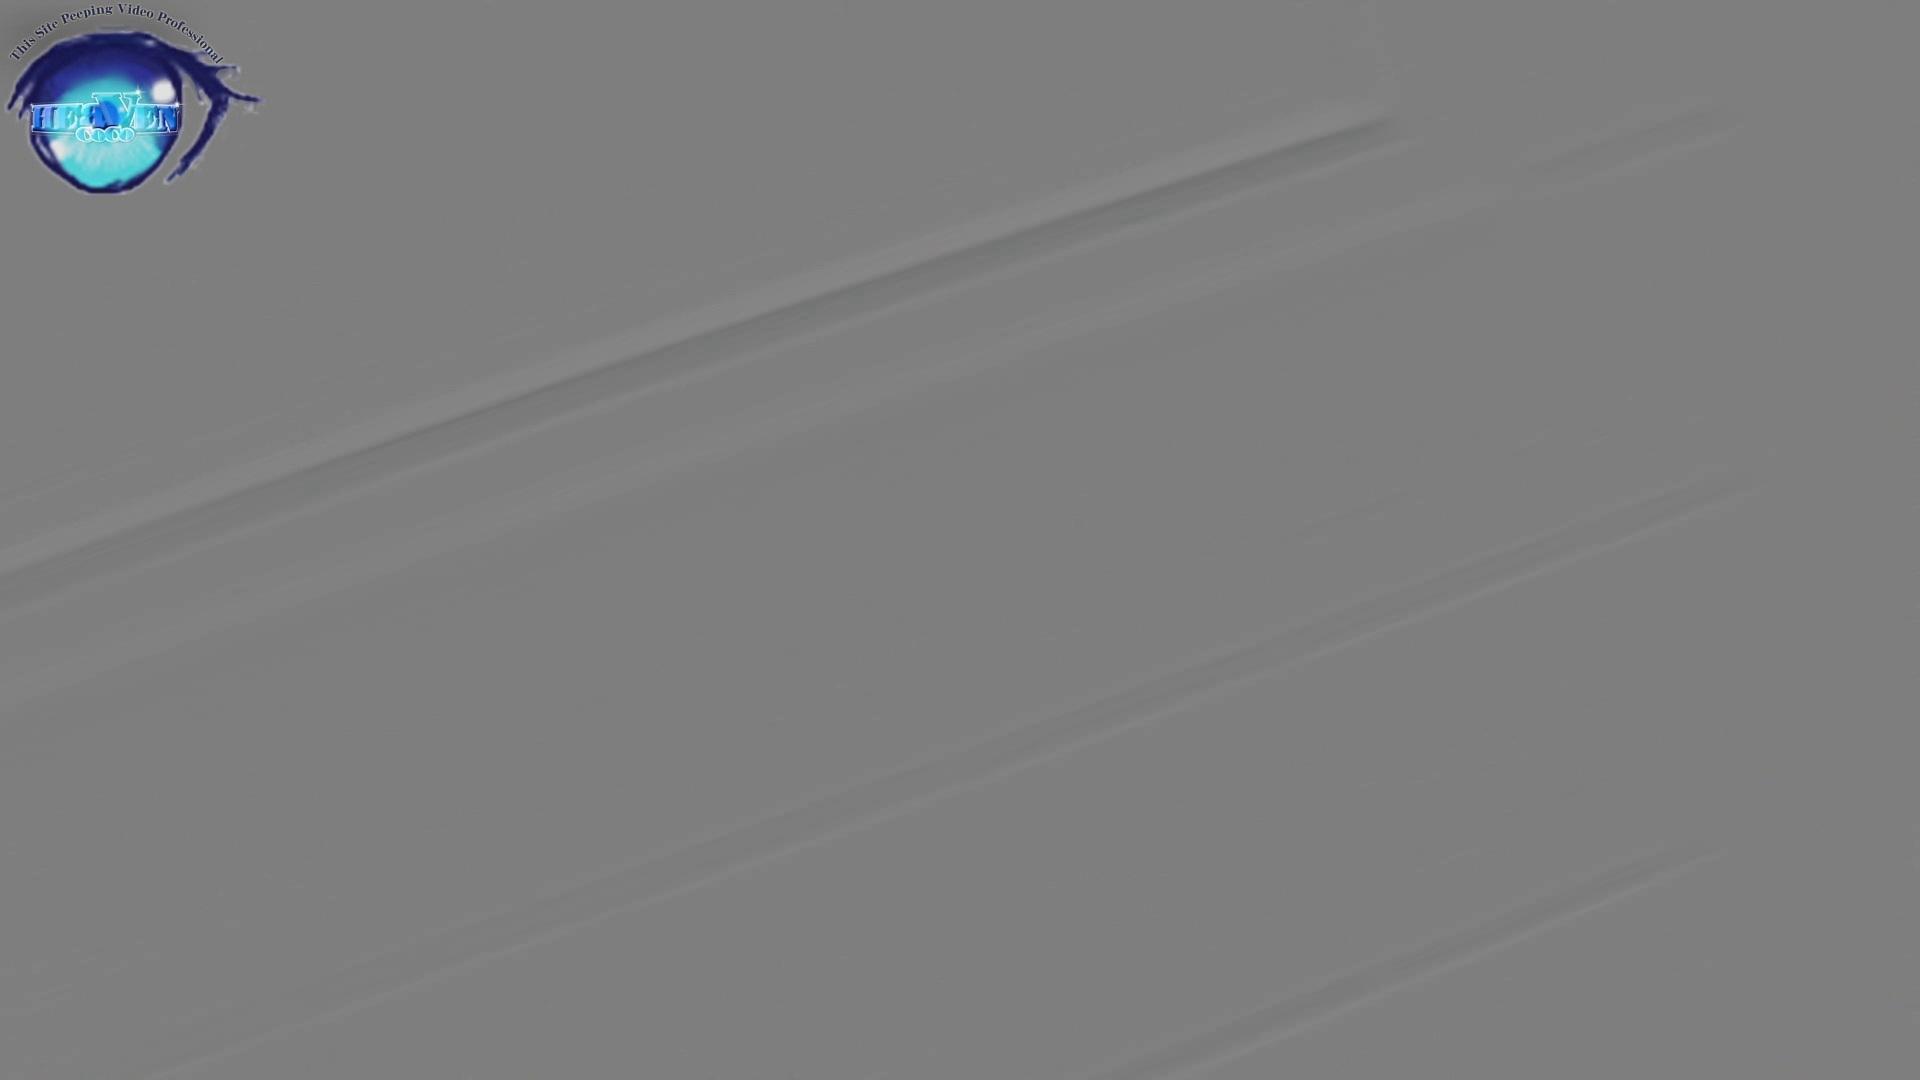 お銀さん vol.59 ピンチ!!「鏡の前で祈る女性」にばれる危機 前編 美人  108連発 52